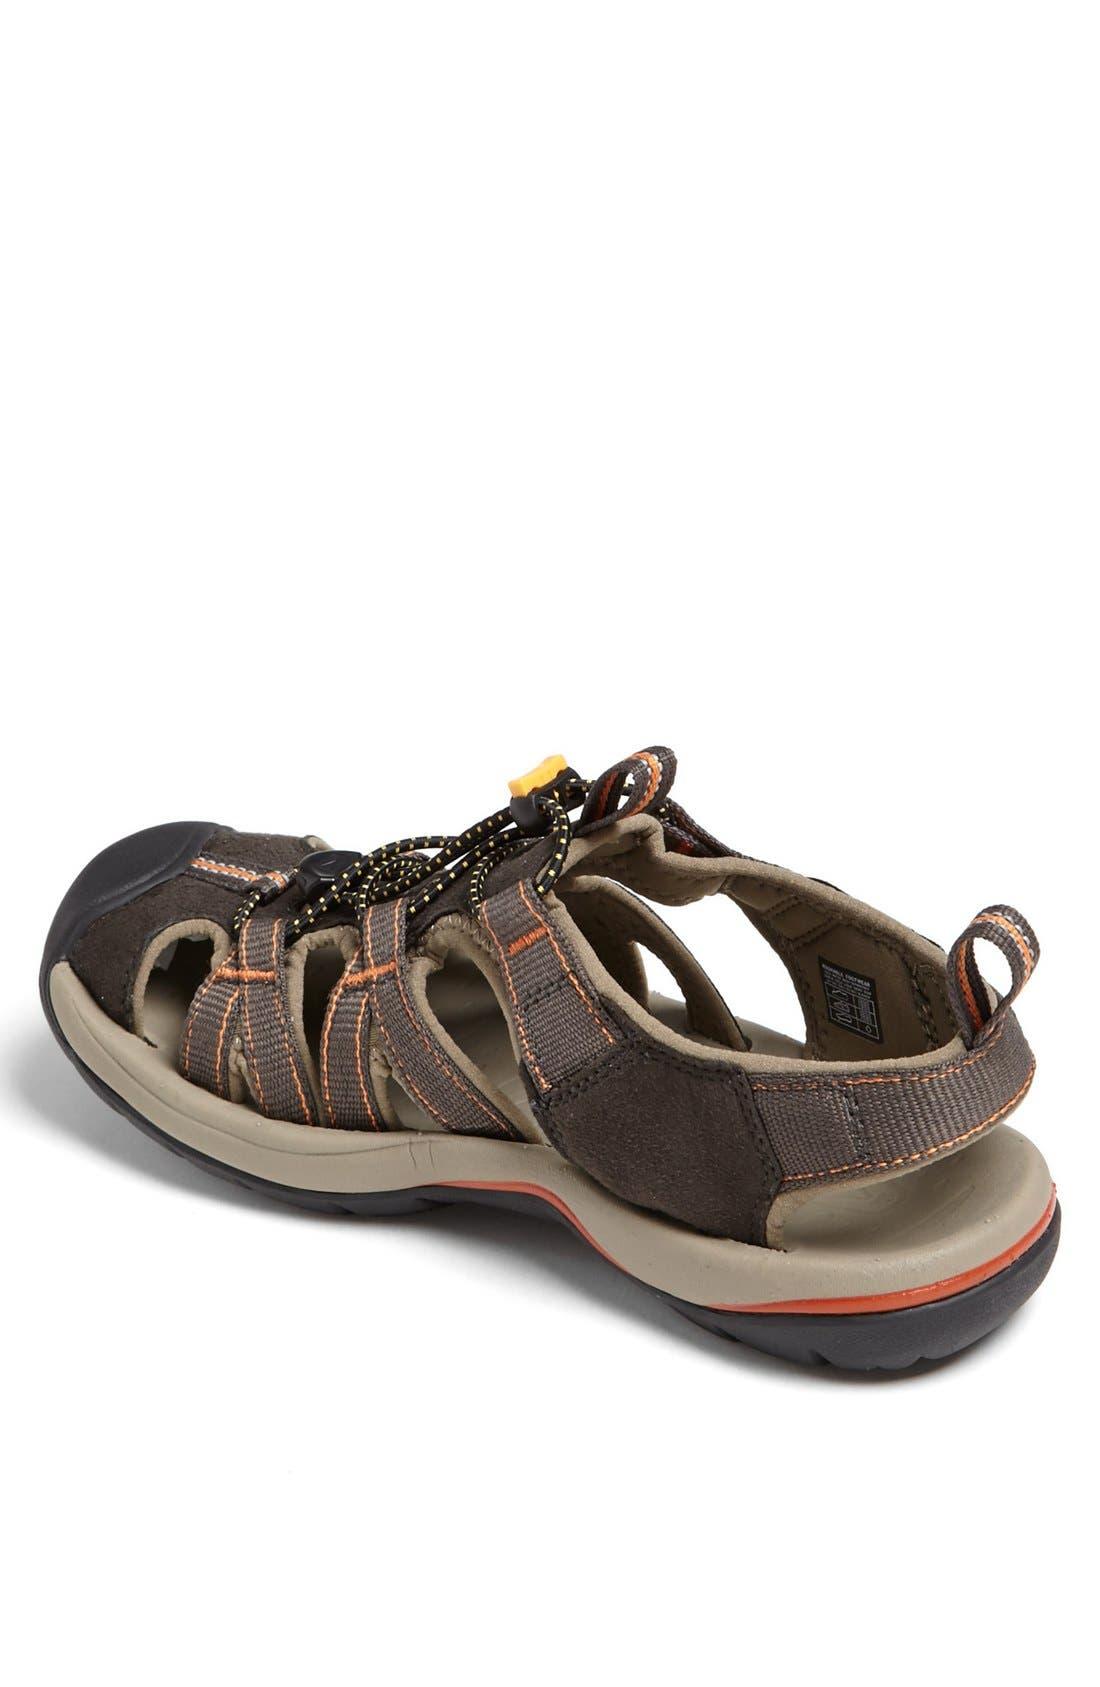 Alternate Image 2  - Keen 'Kanyon' Waterproof Sandal (Men)